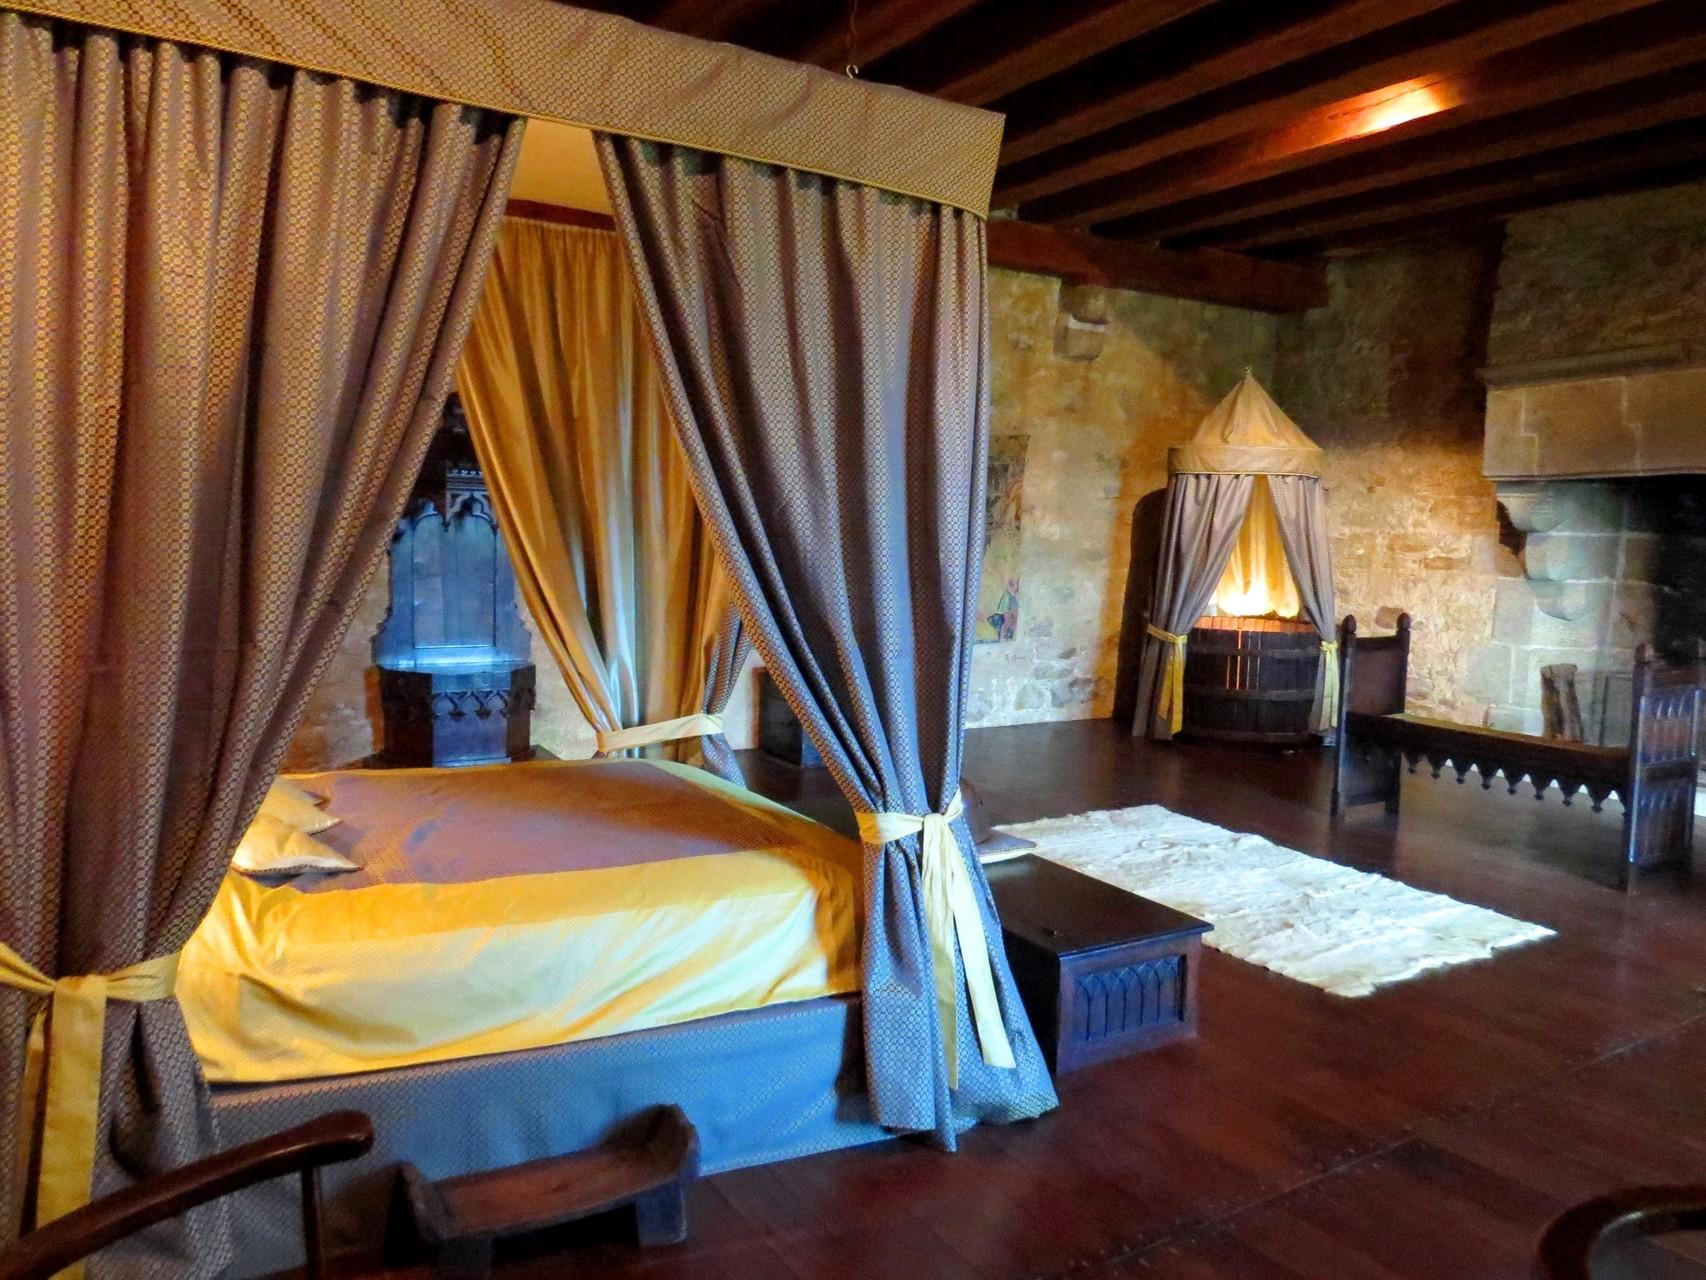 Chambre Seigneuriale au chateau-medieval de Tennessus